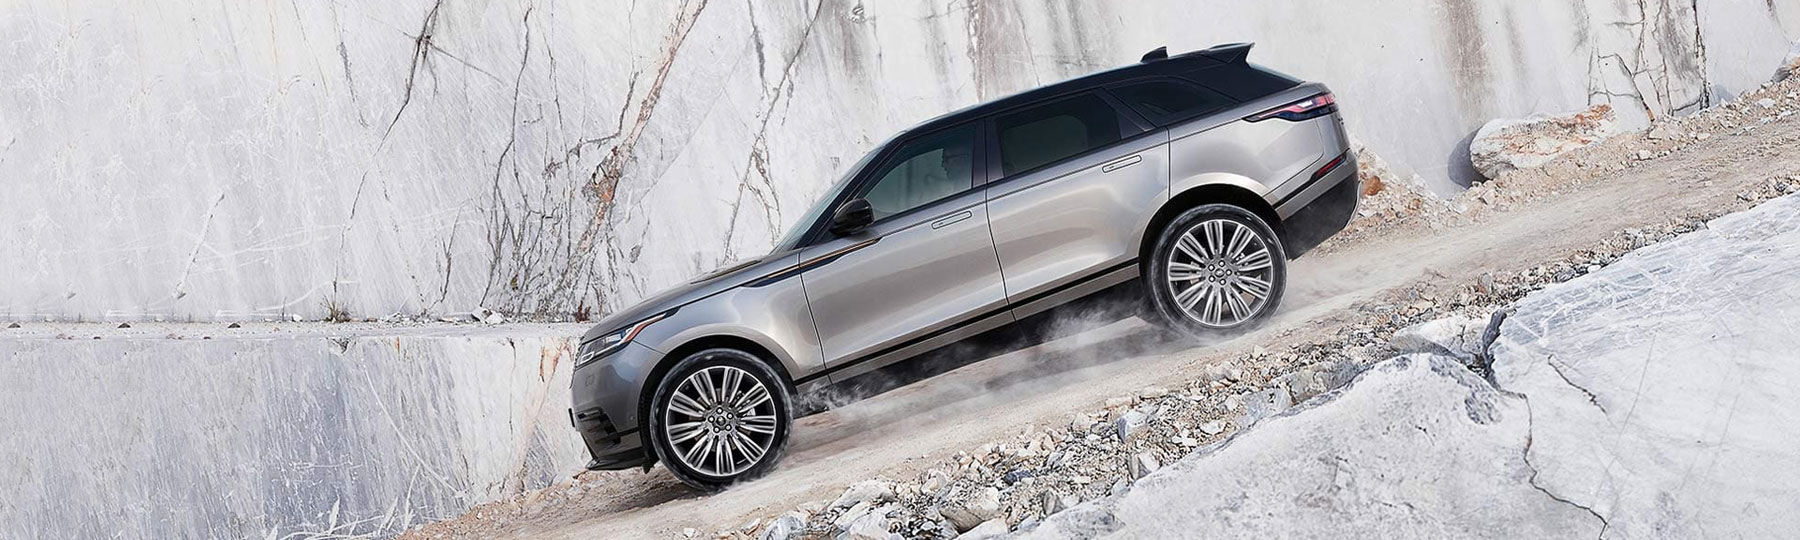 land rover Range Rover Velar New Car Offer